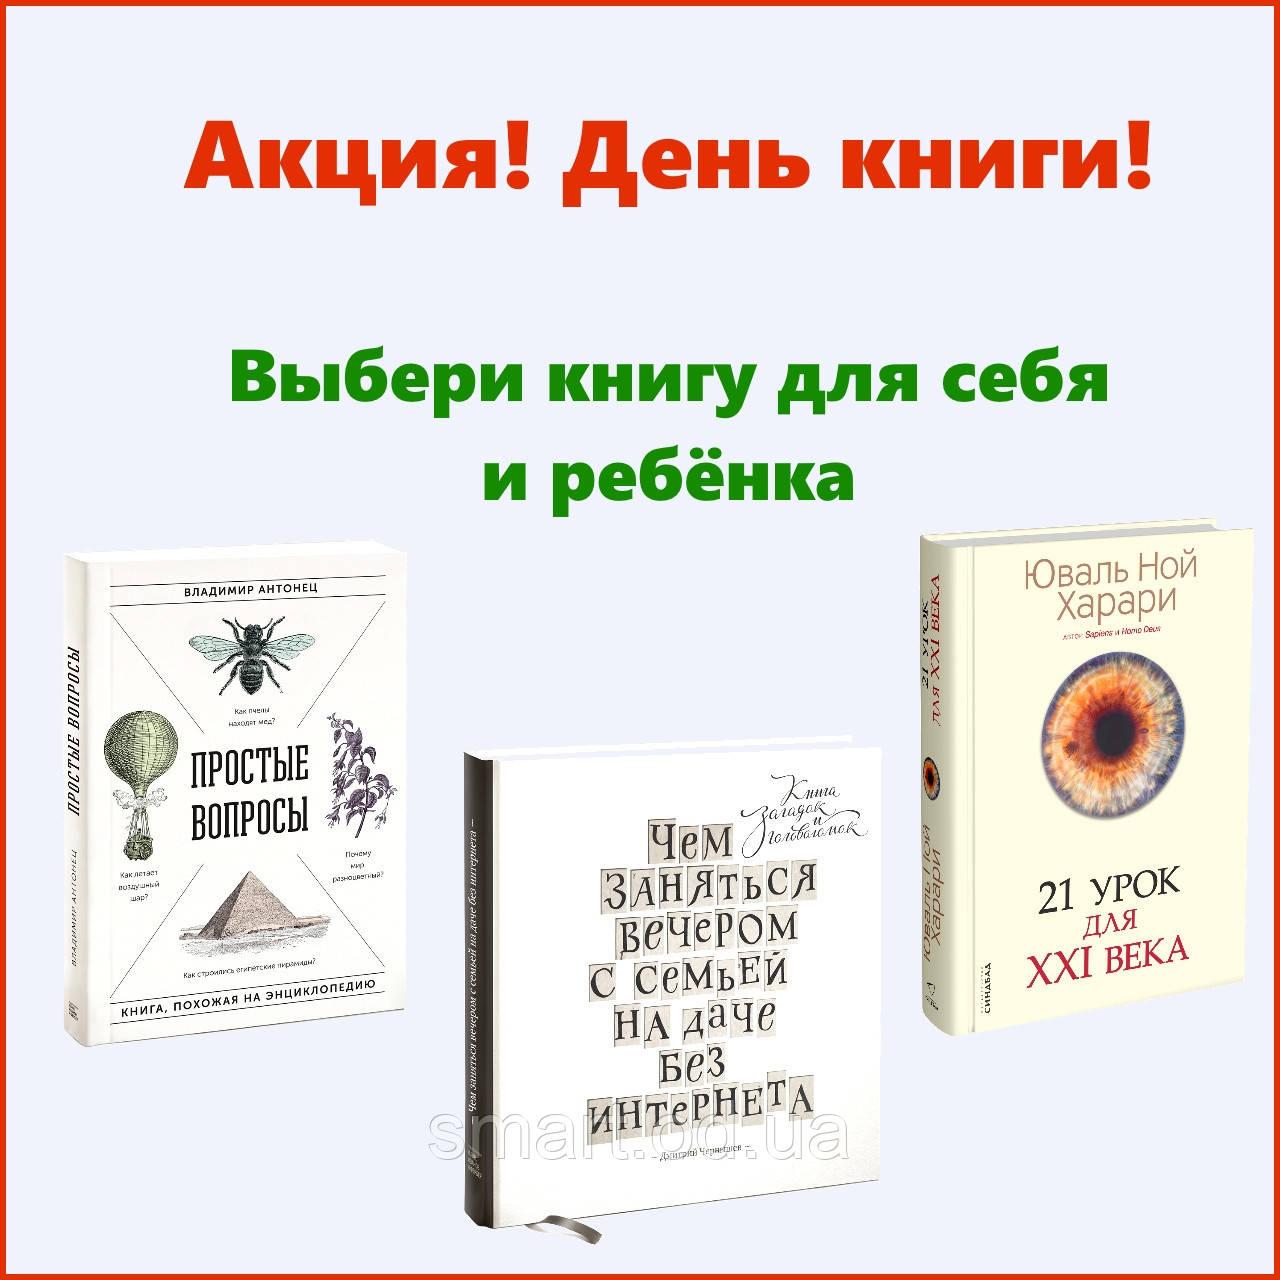 Акція! Вибери книгу для себе і дитини